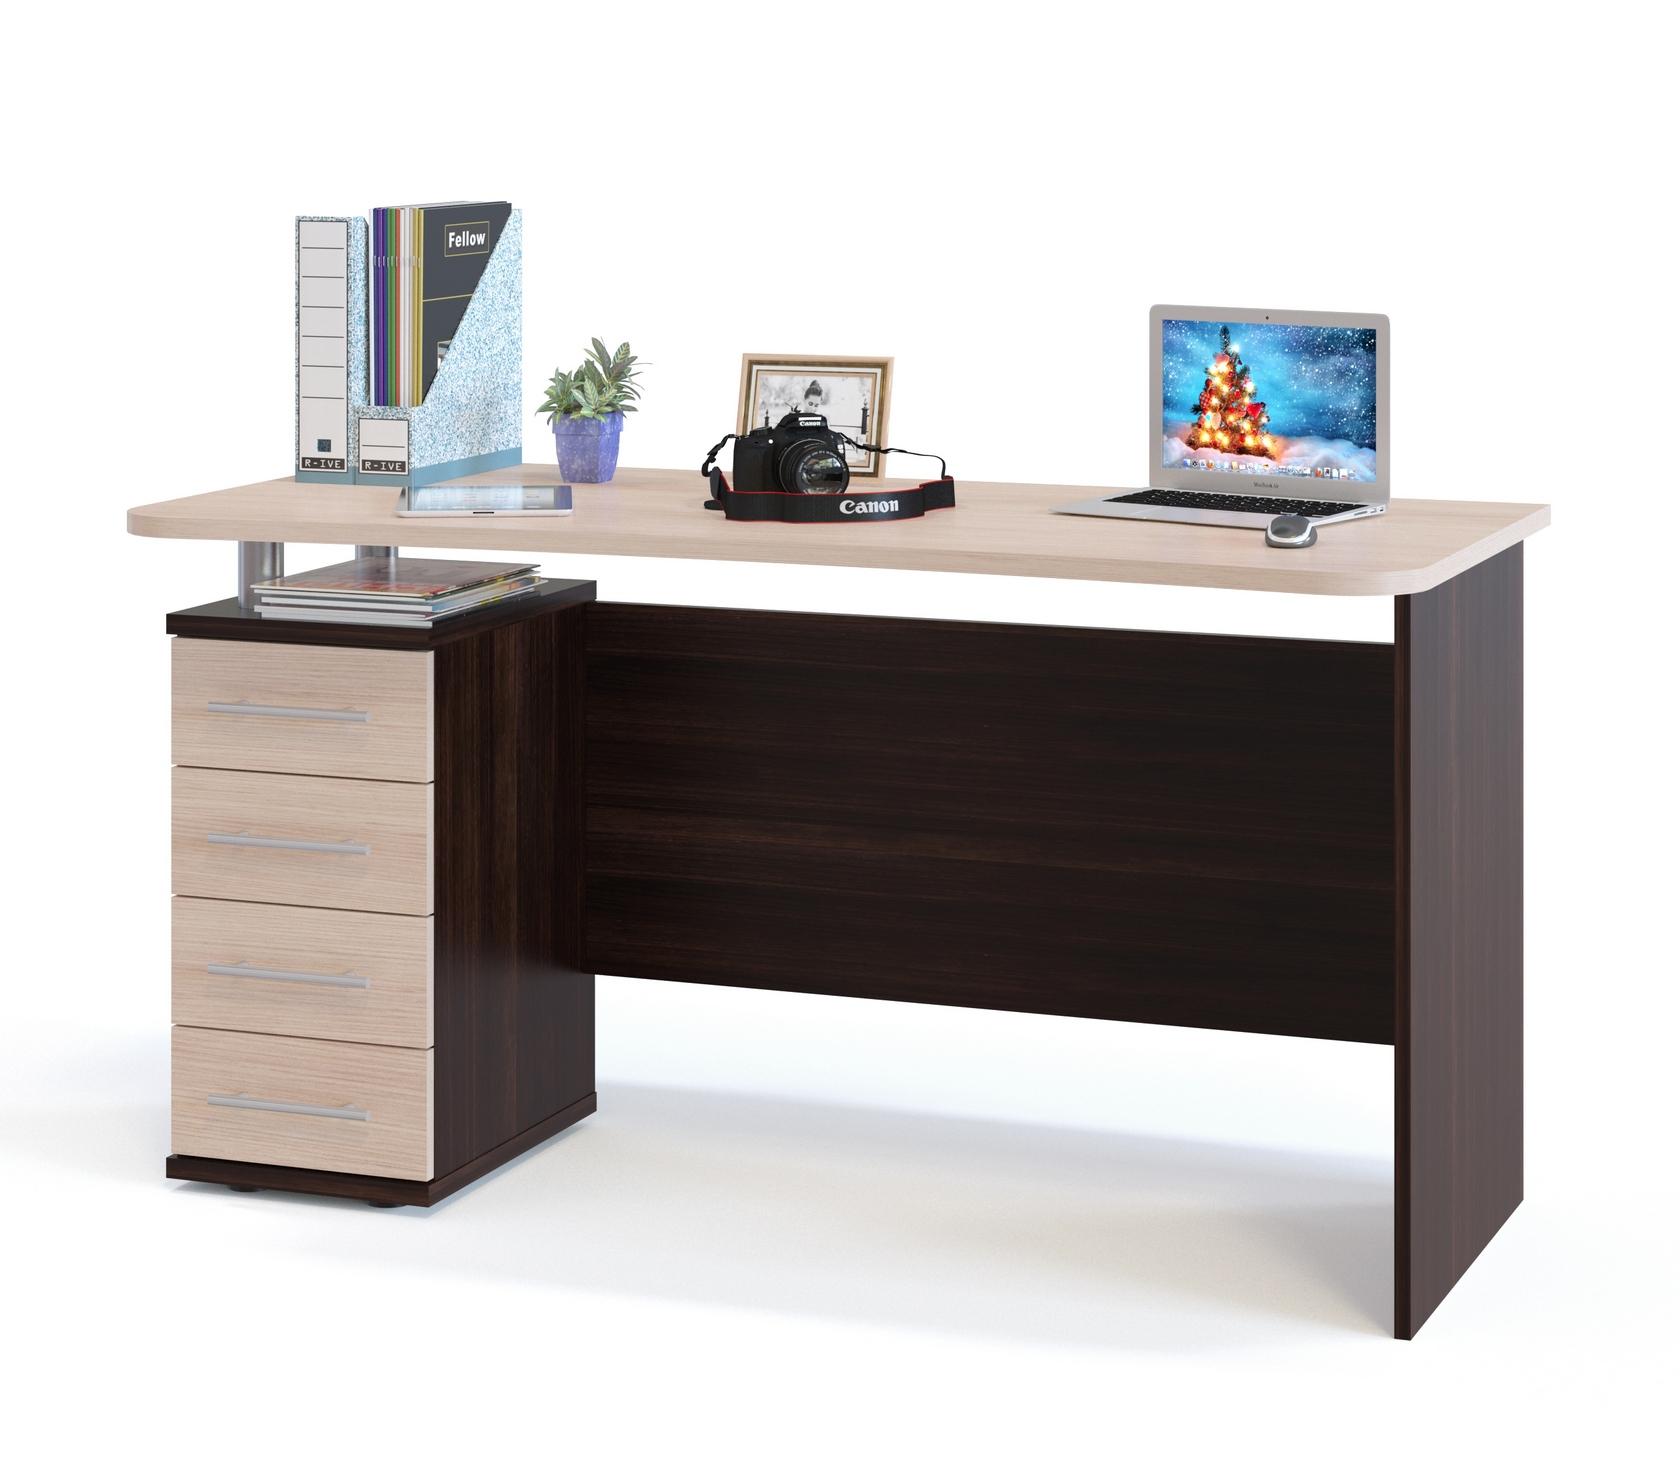 Компьютерный стол КСТ-105.1 основное ...: sokol-mebel.ru/category-kabinet/kompyuternyj-stol/goods...